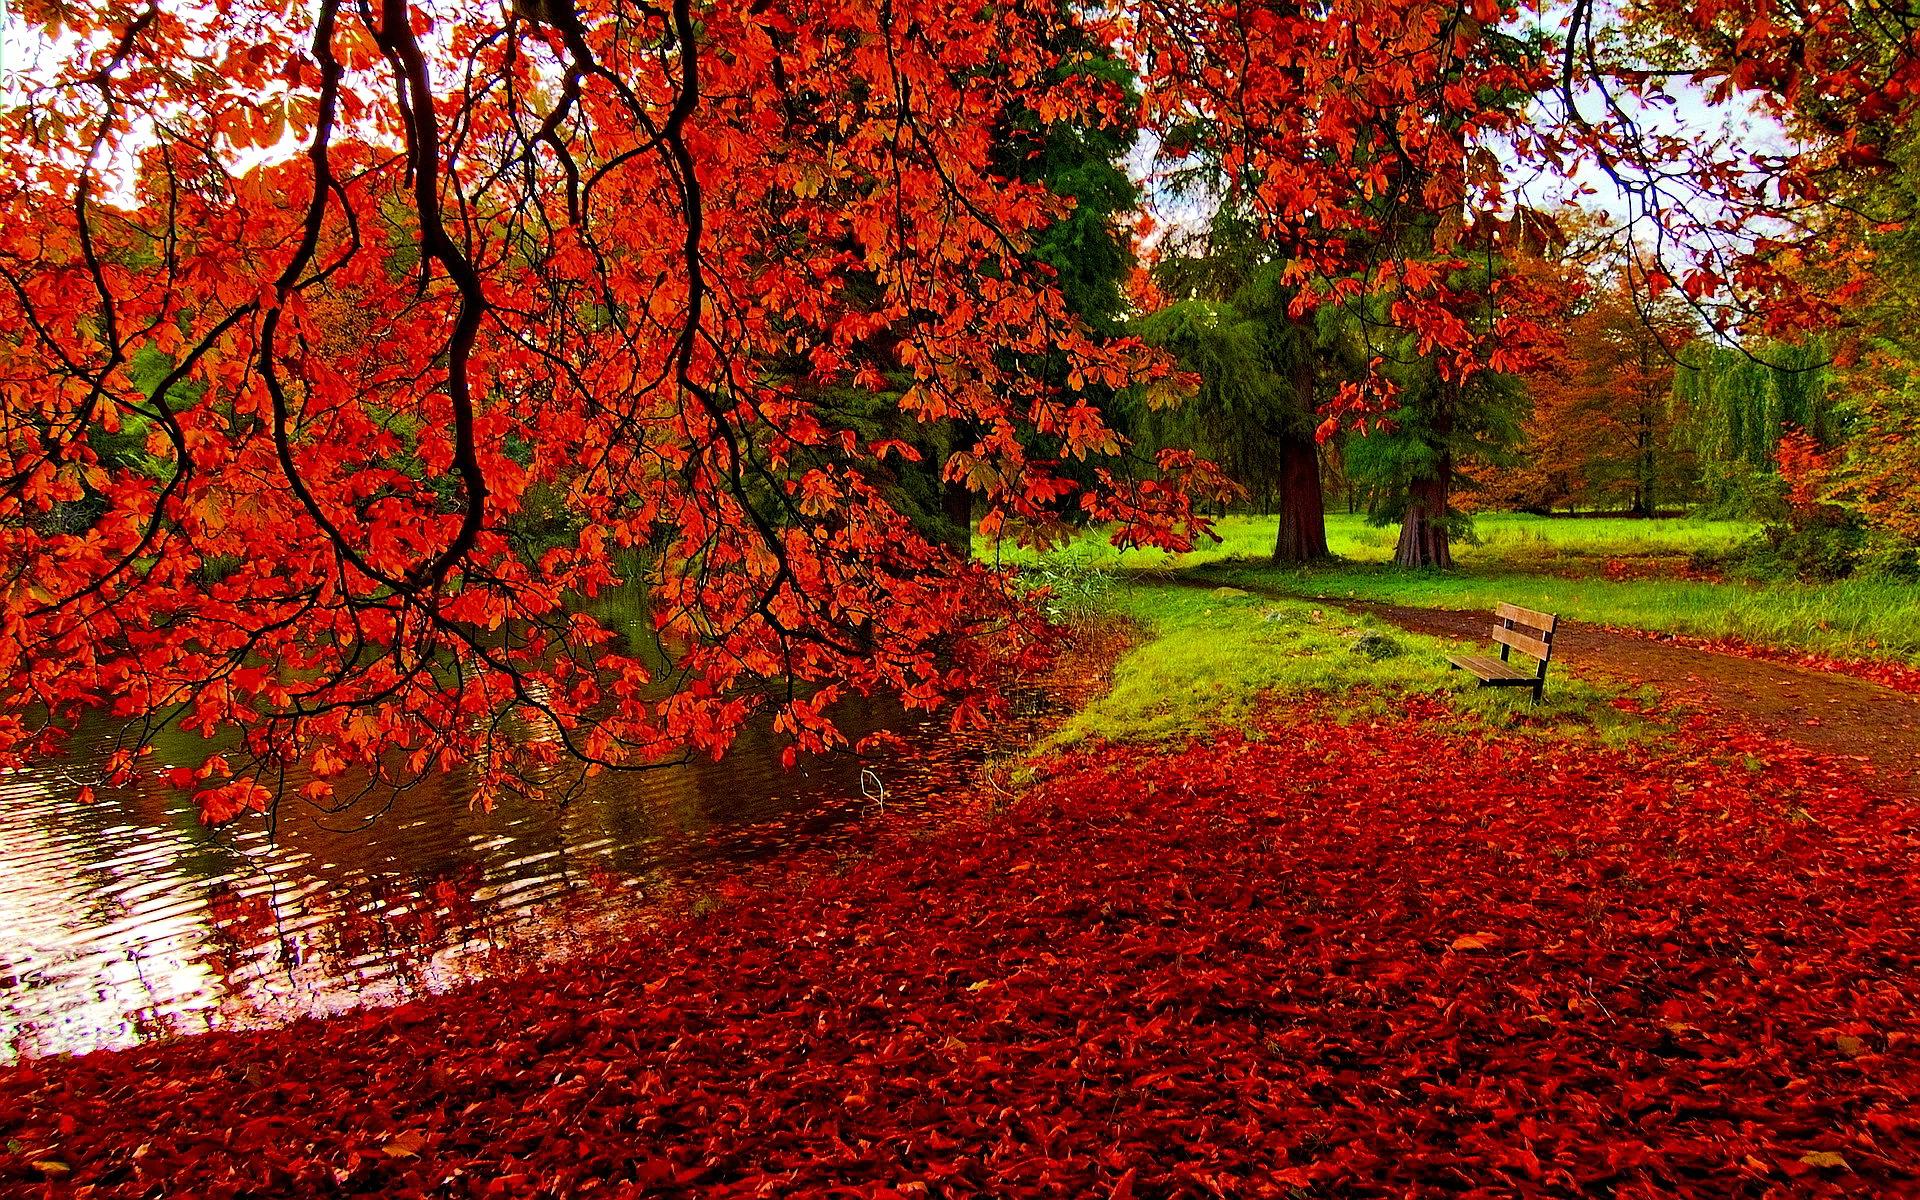 40 Autumn Scene Background Wallpaper for Desktop 1920x1200